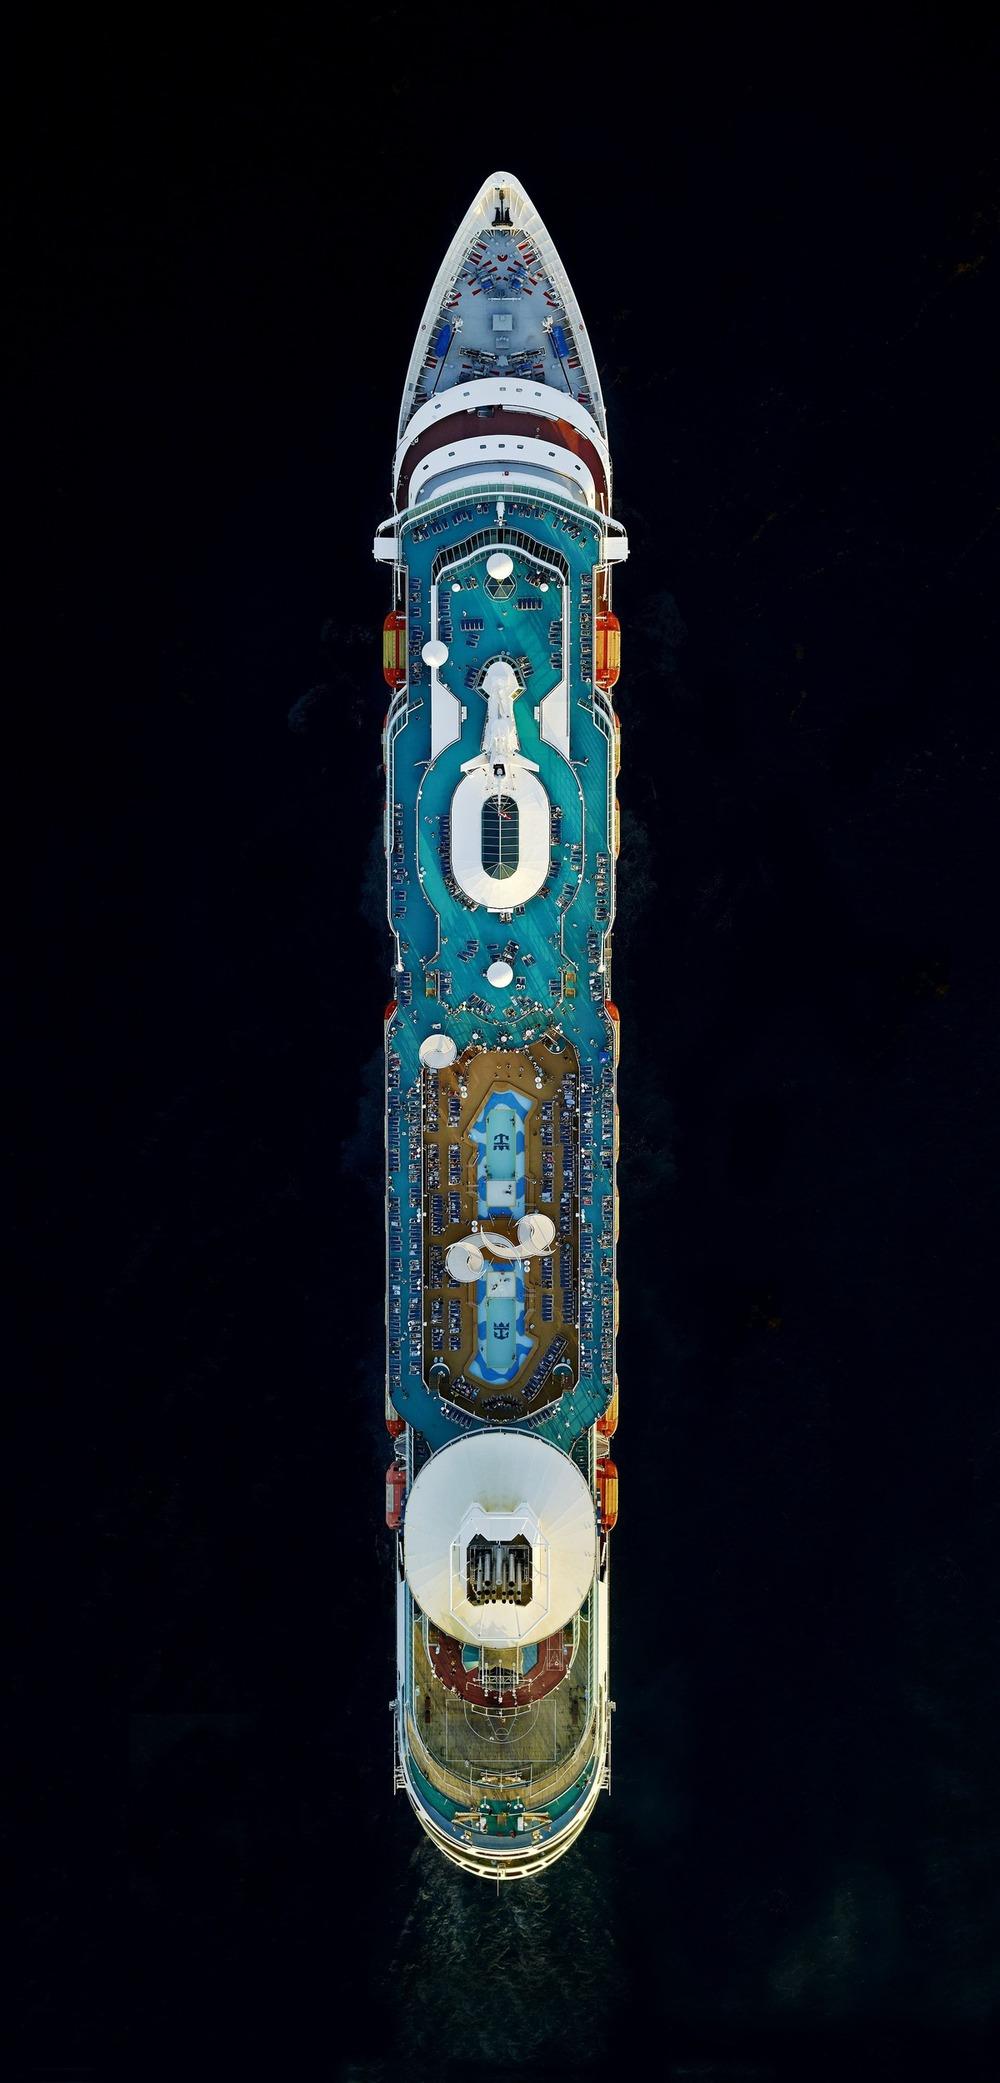 Cruise-ships-5.jpg